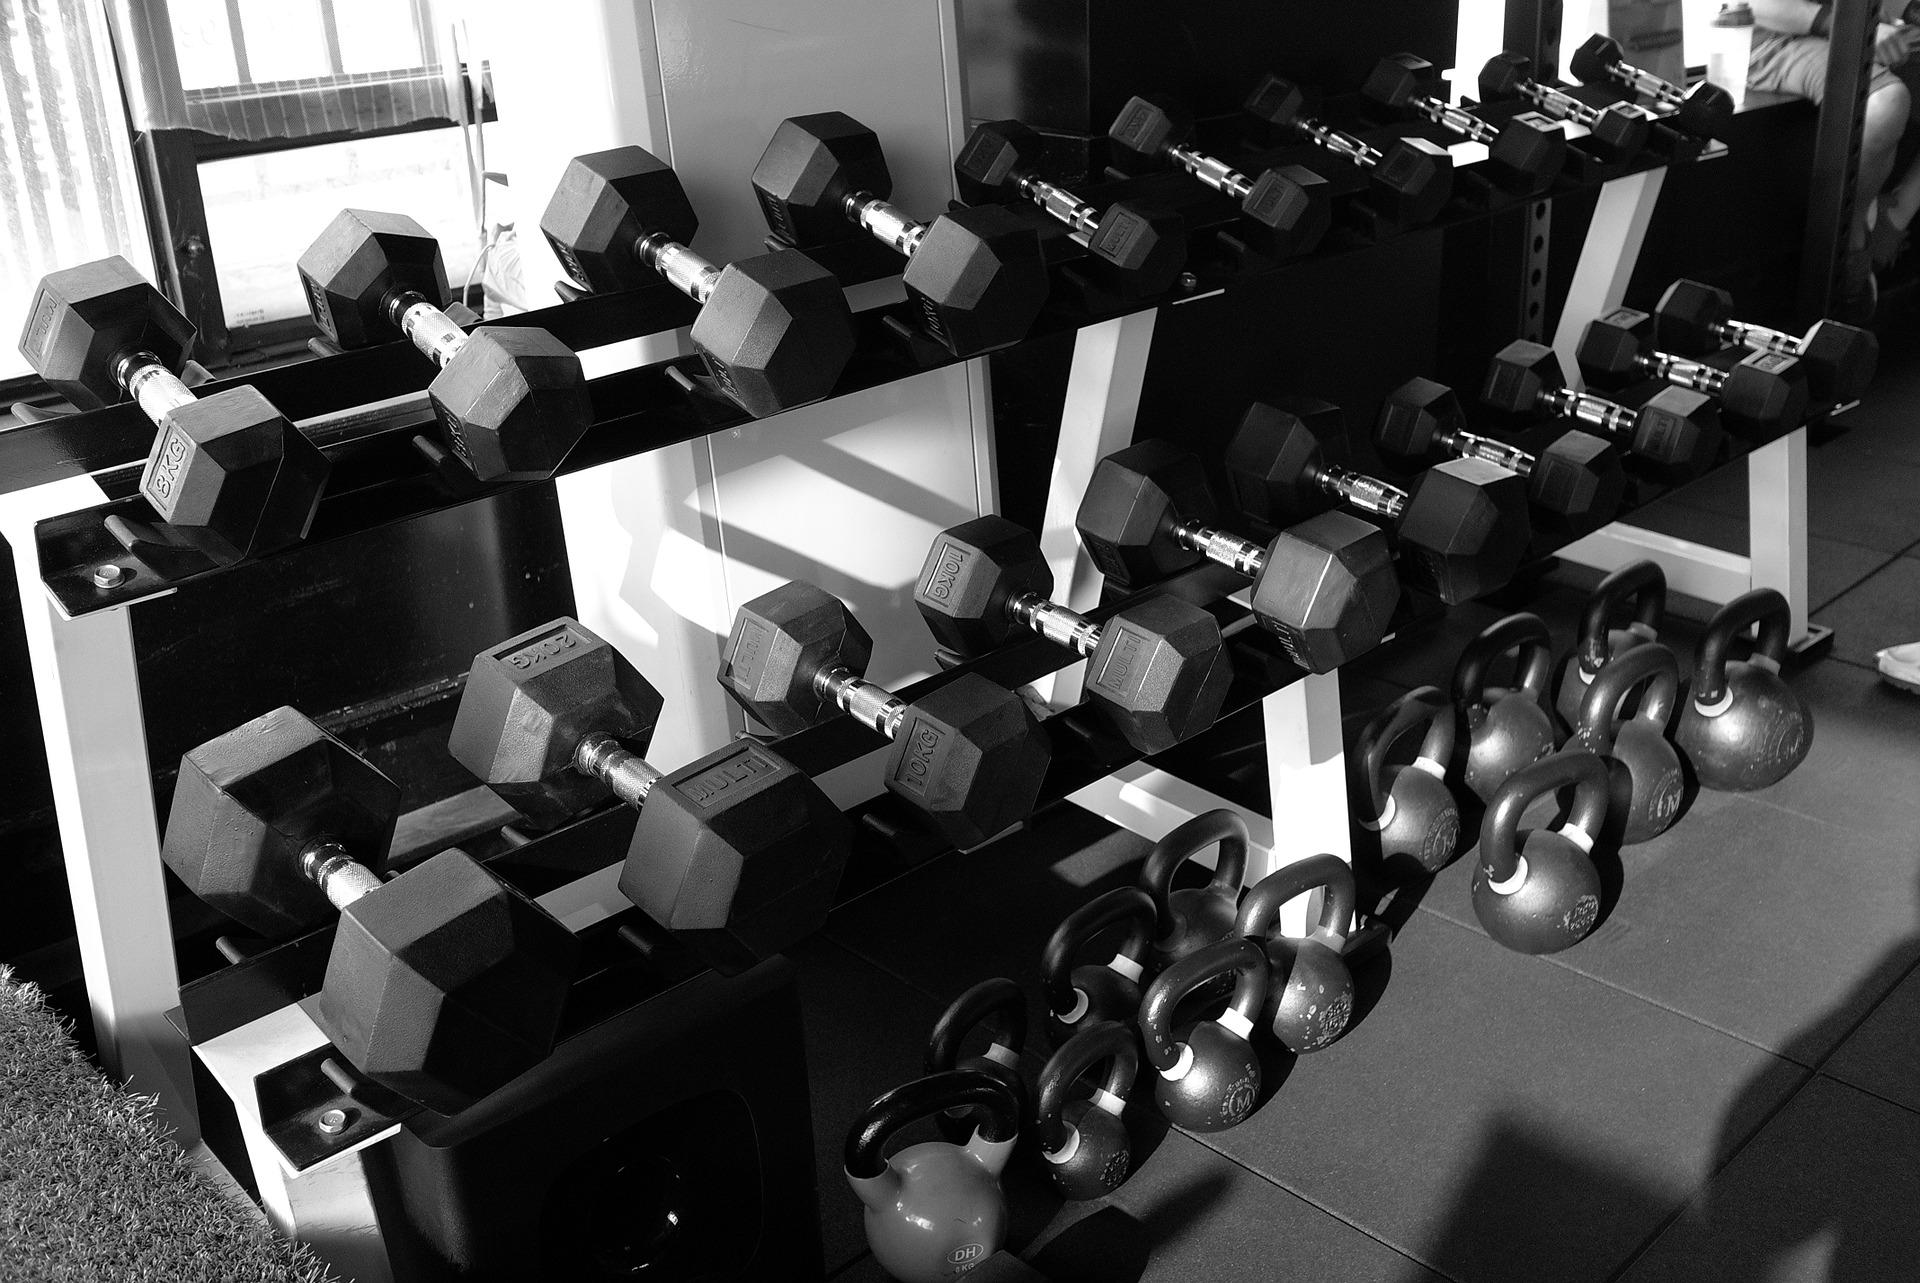 Ázsia Center edzőterem, avagy a Victory Fitness - Edzoterem.info